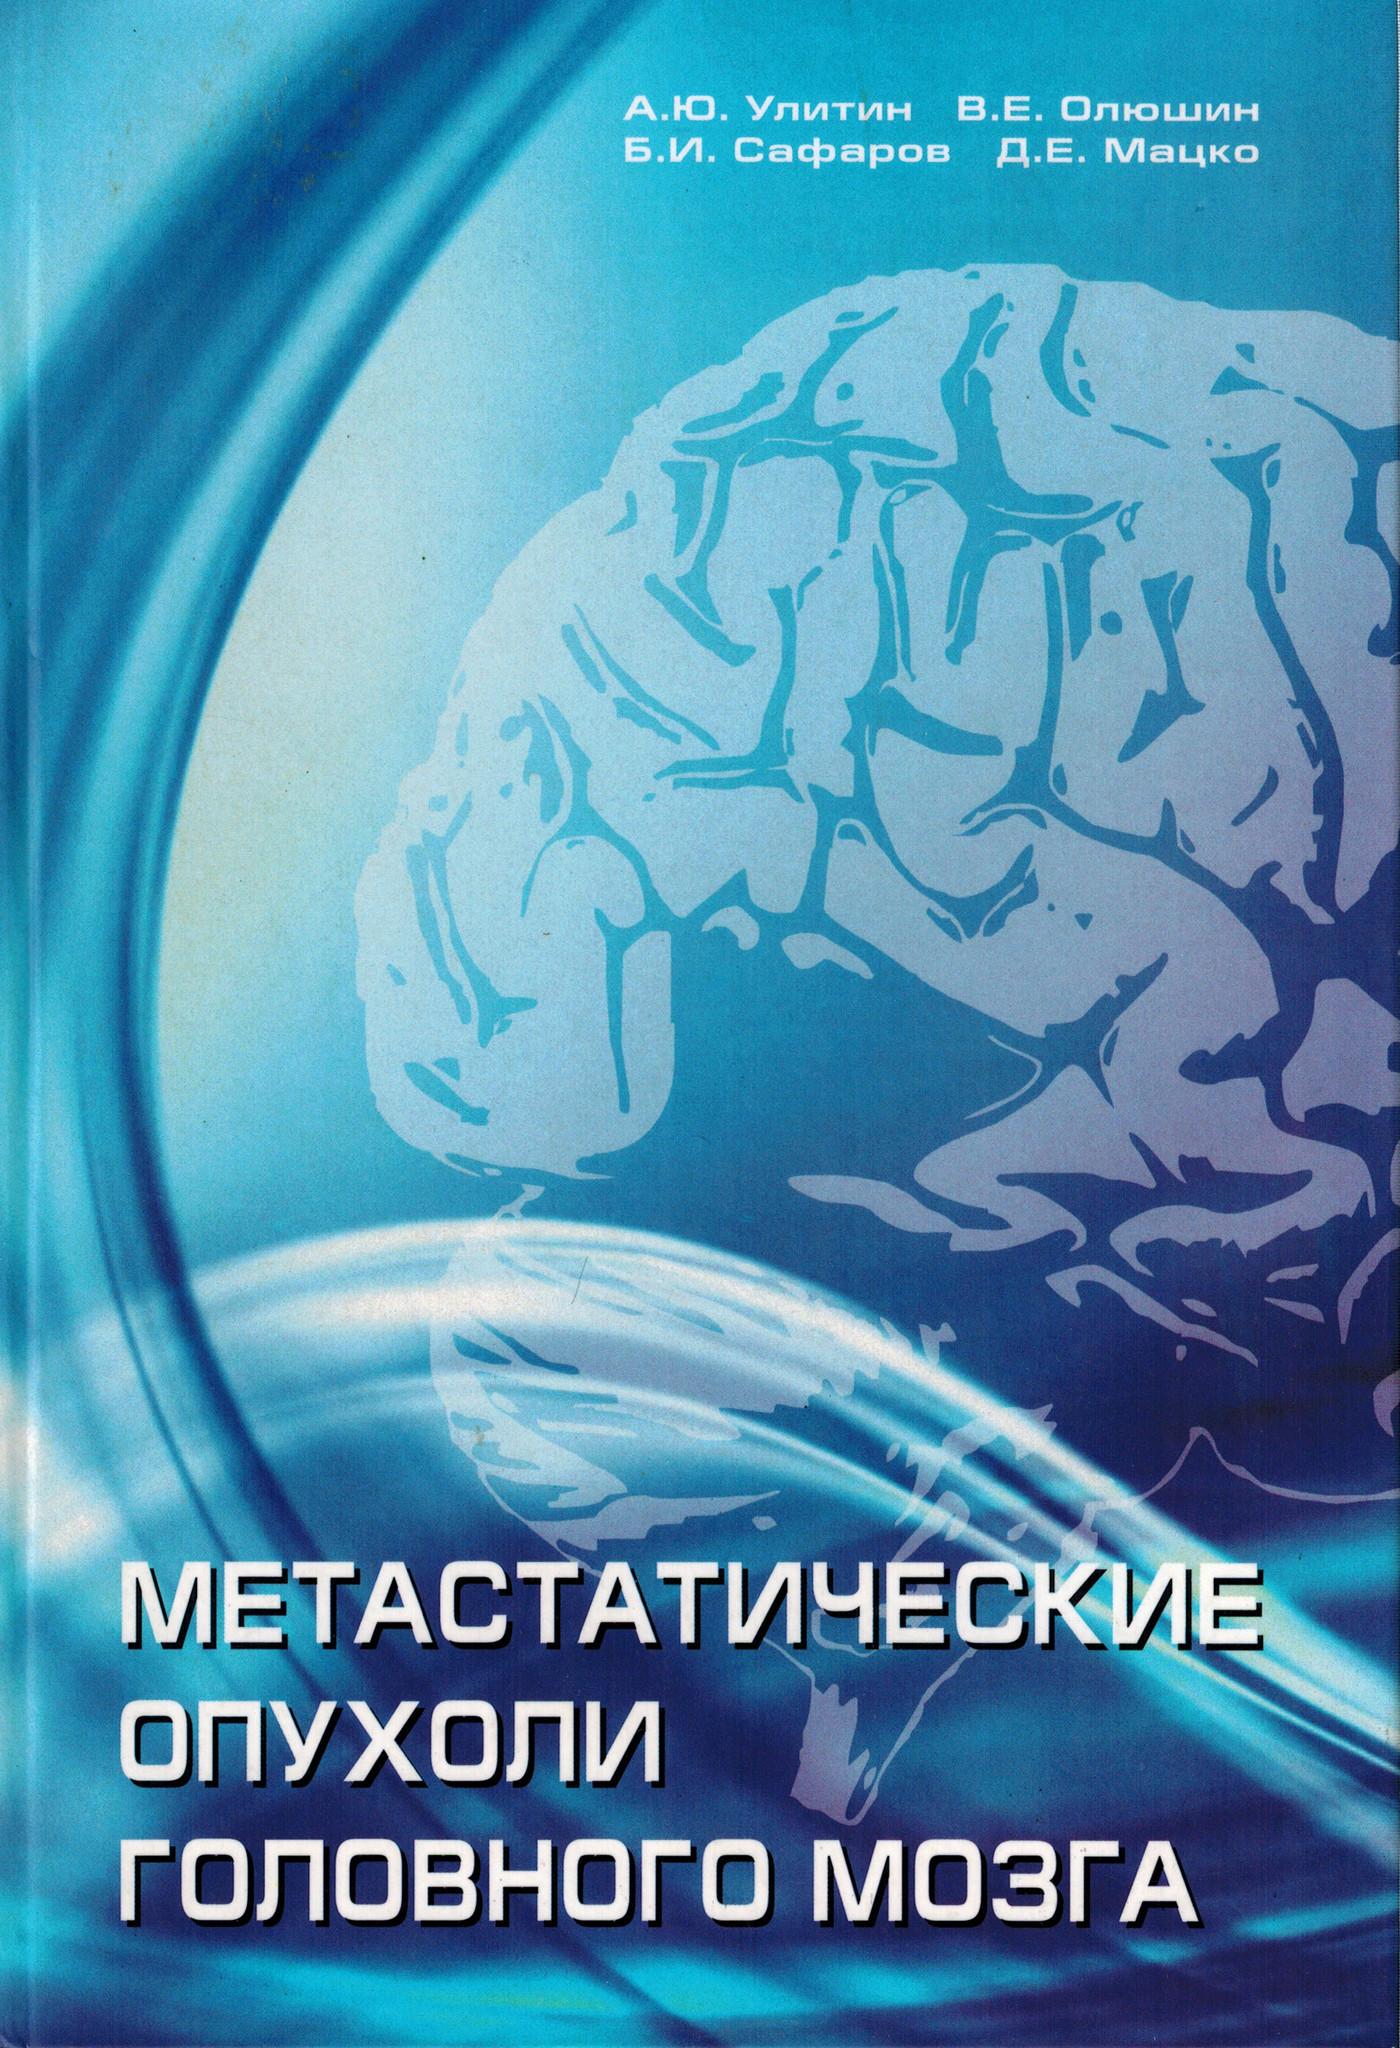 Хирургия Метастатические опухоли головного мозга mog.jpg